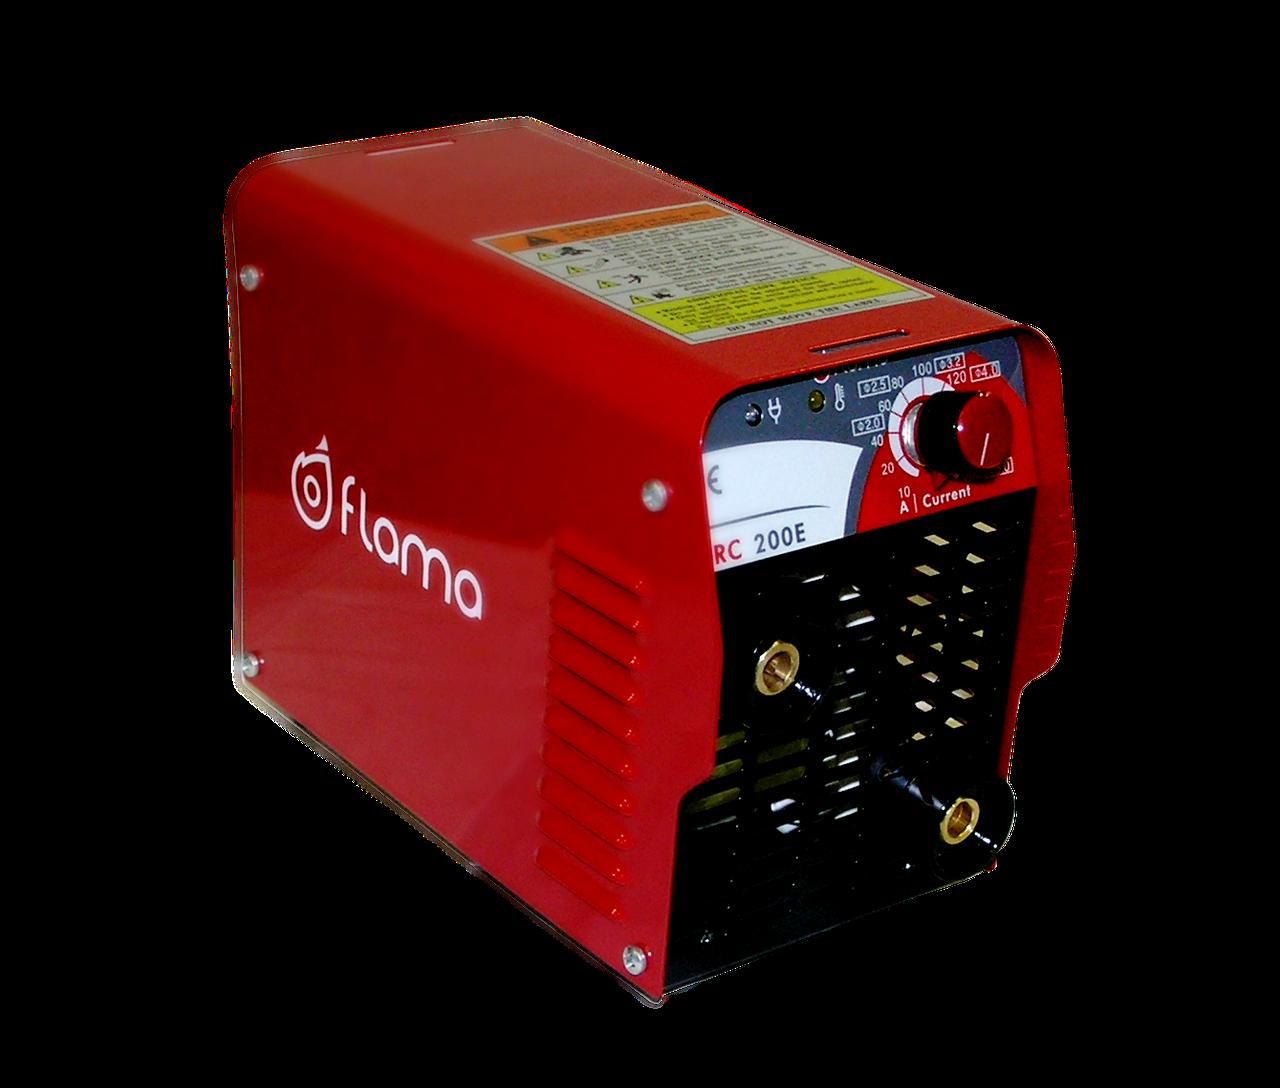 Инвертор для ручной дуговой сварки Flama ARC 200Е